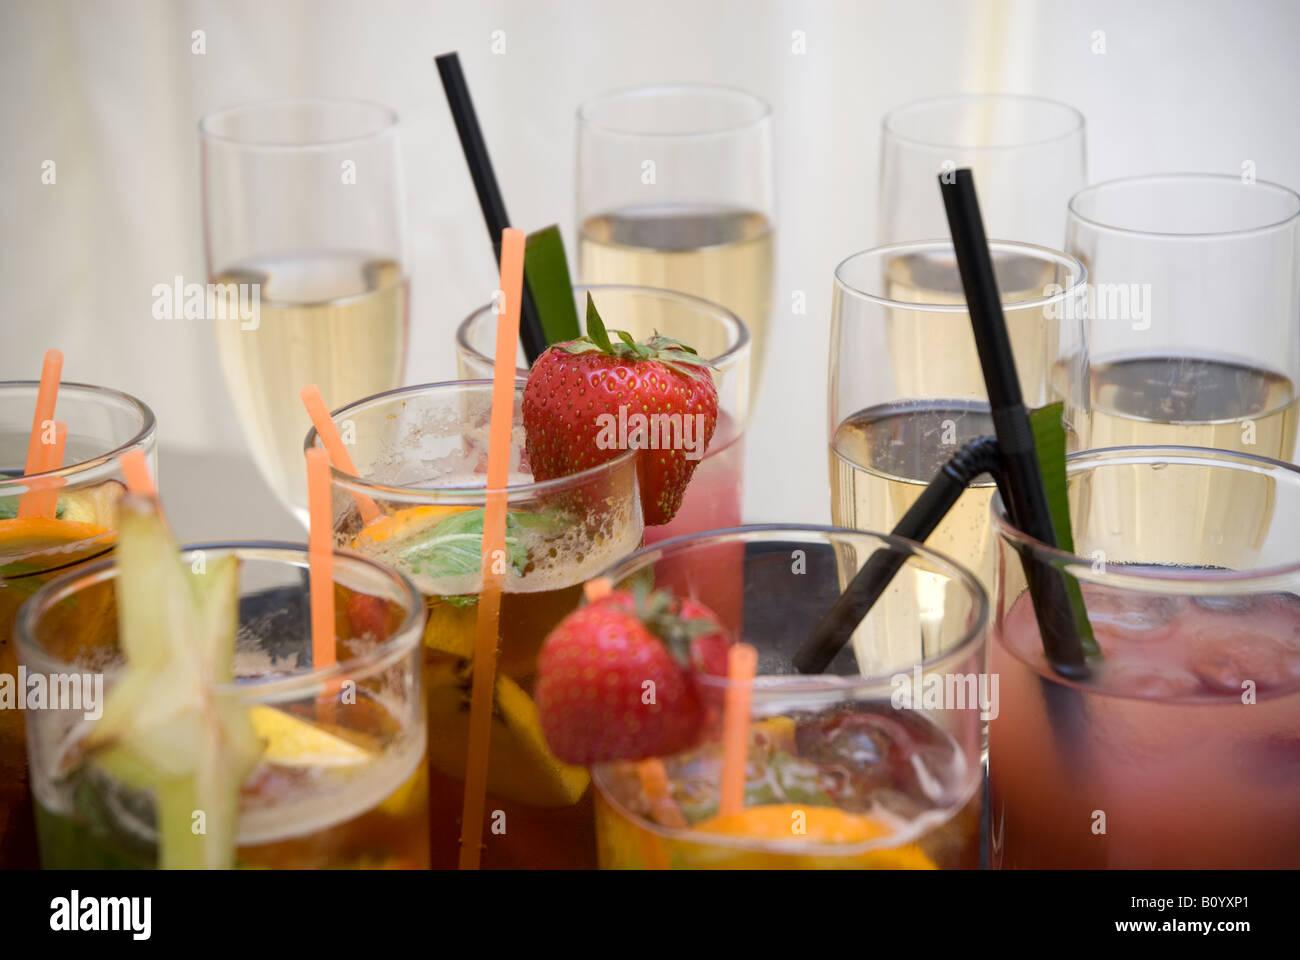 Bicchieri di Pimms e champange con fragole Immagini Stock